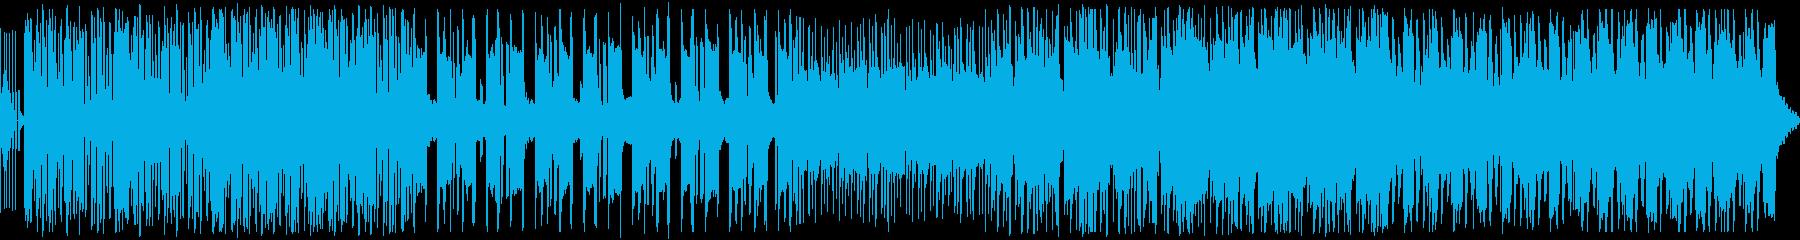 Futulaid Backの再生済みの波形